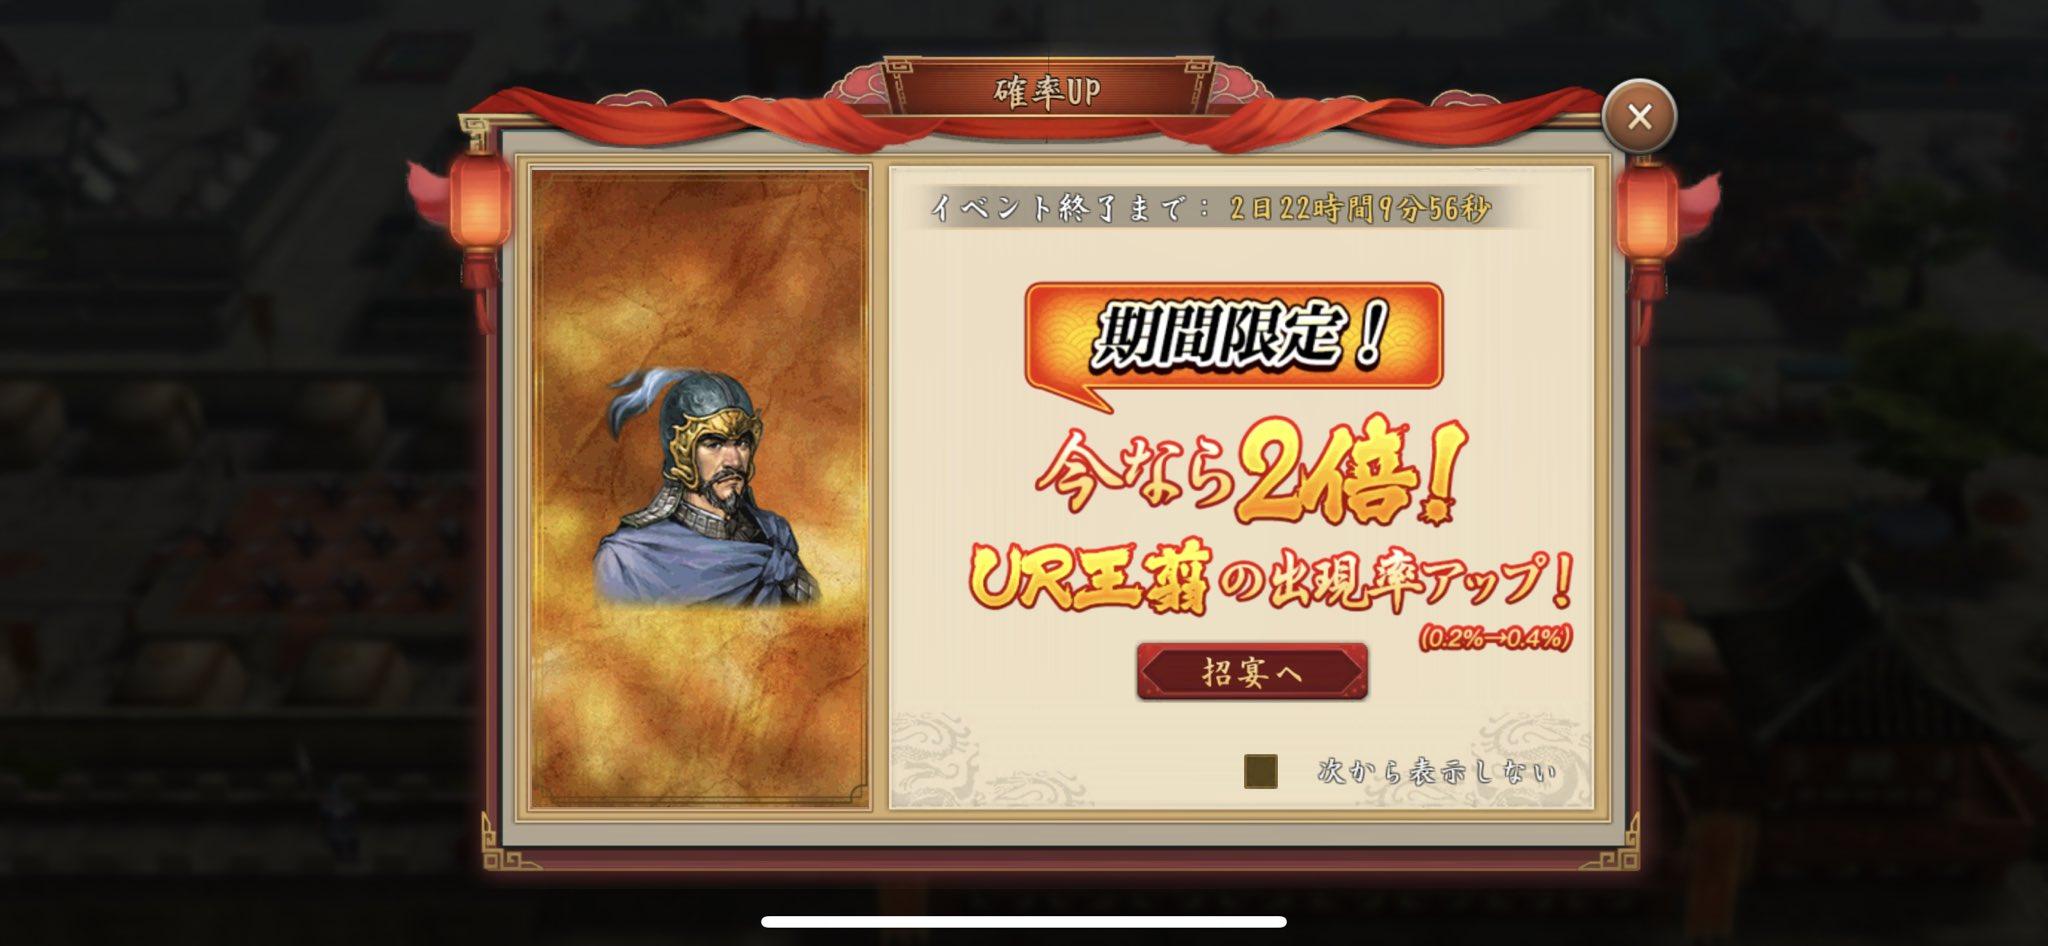 新三國志 王翦 2倍確率